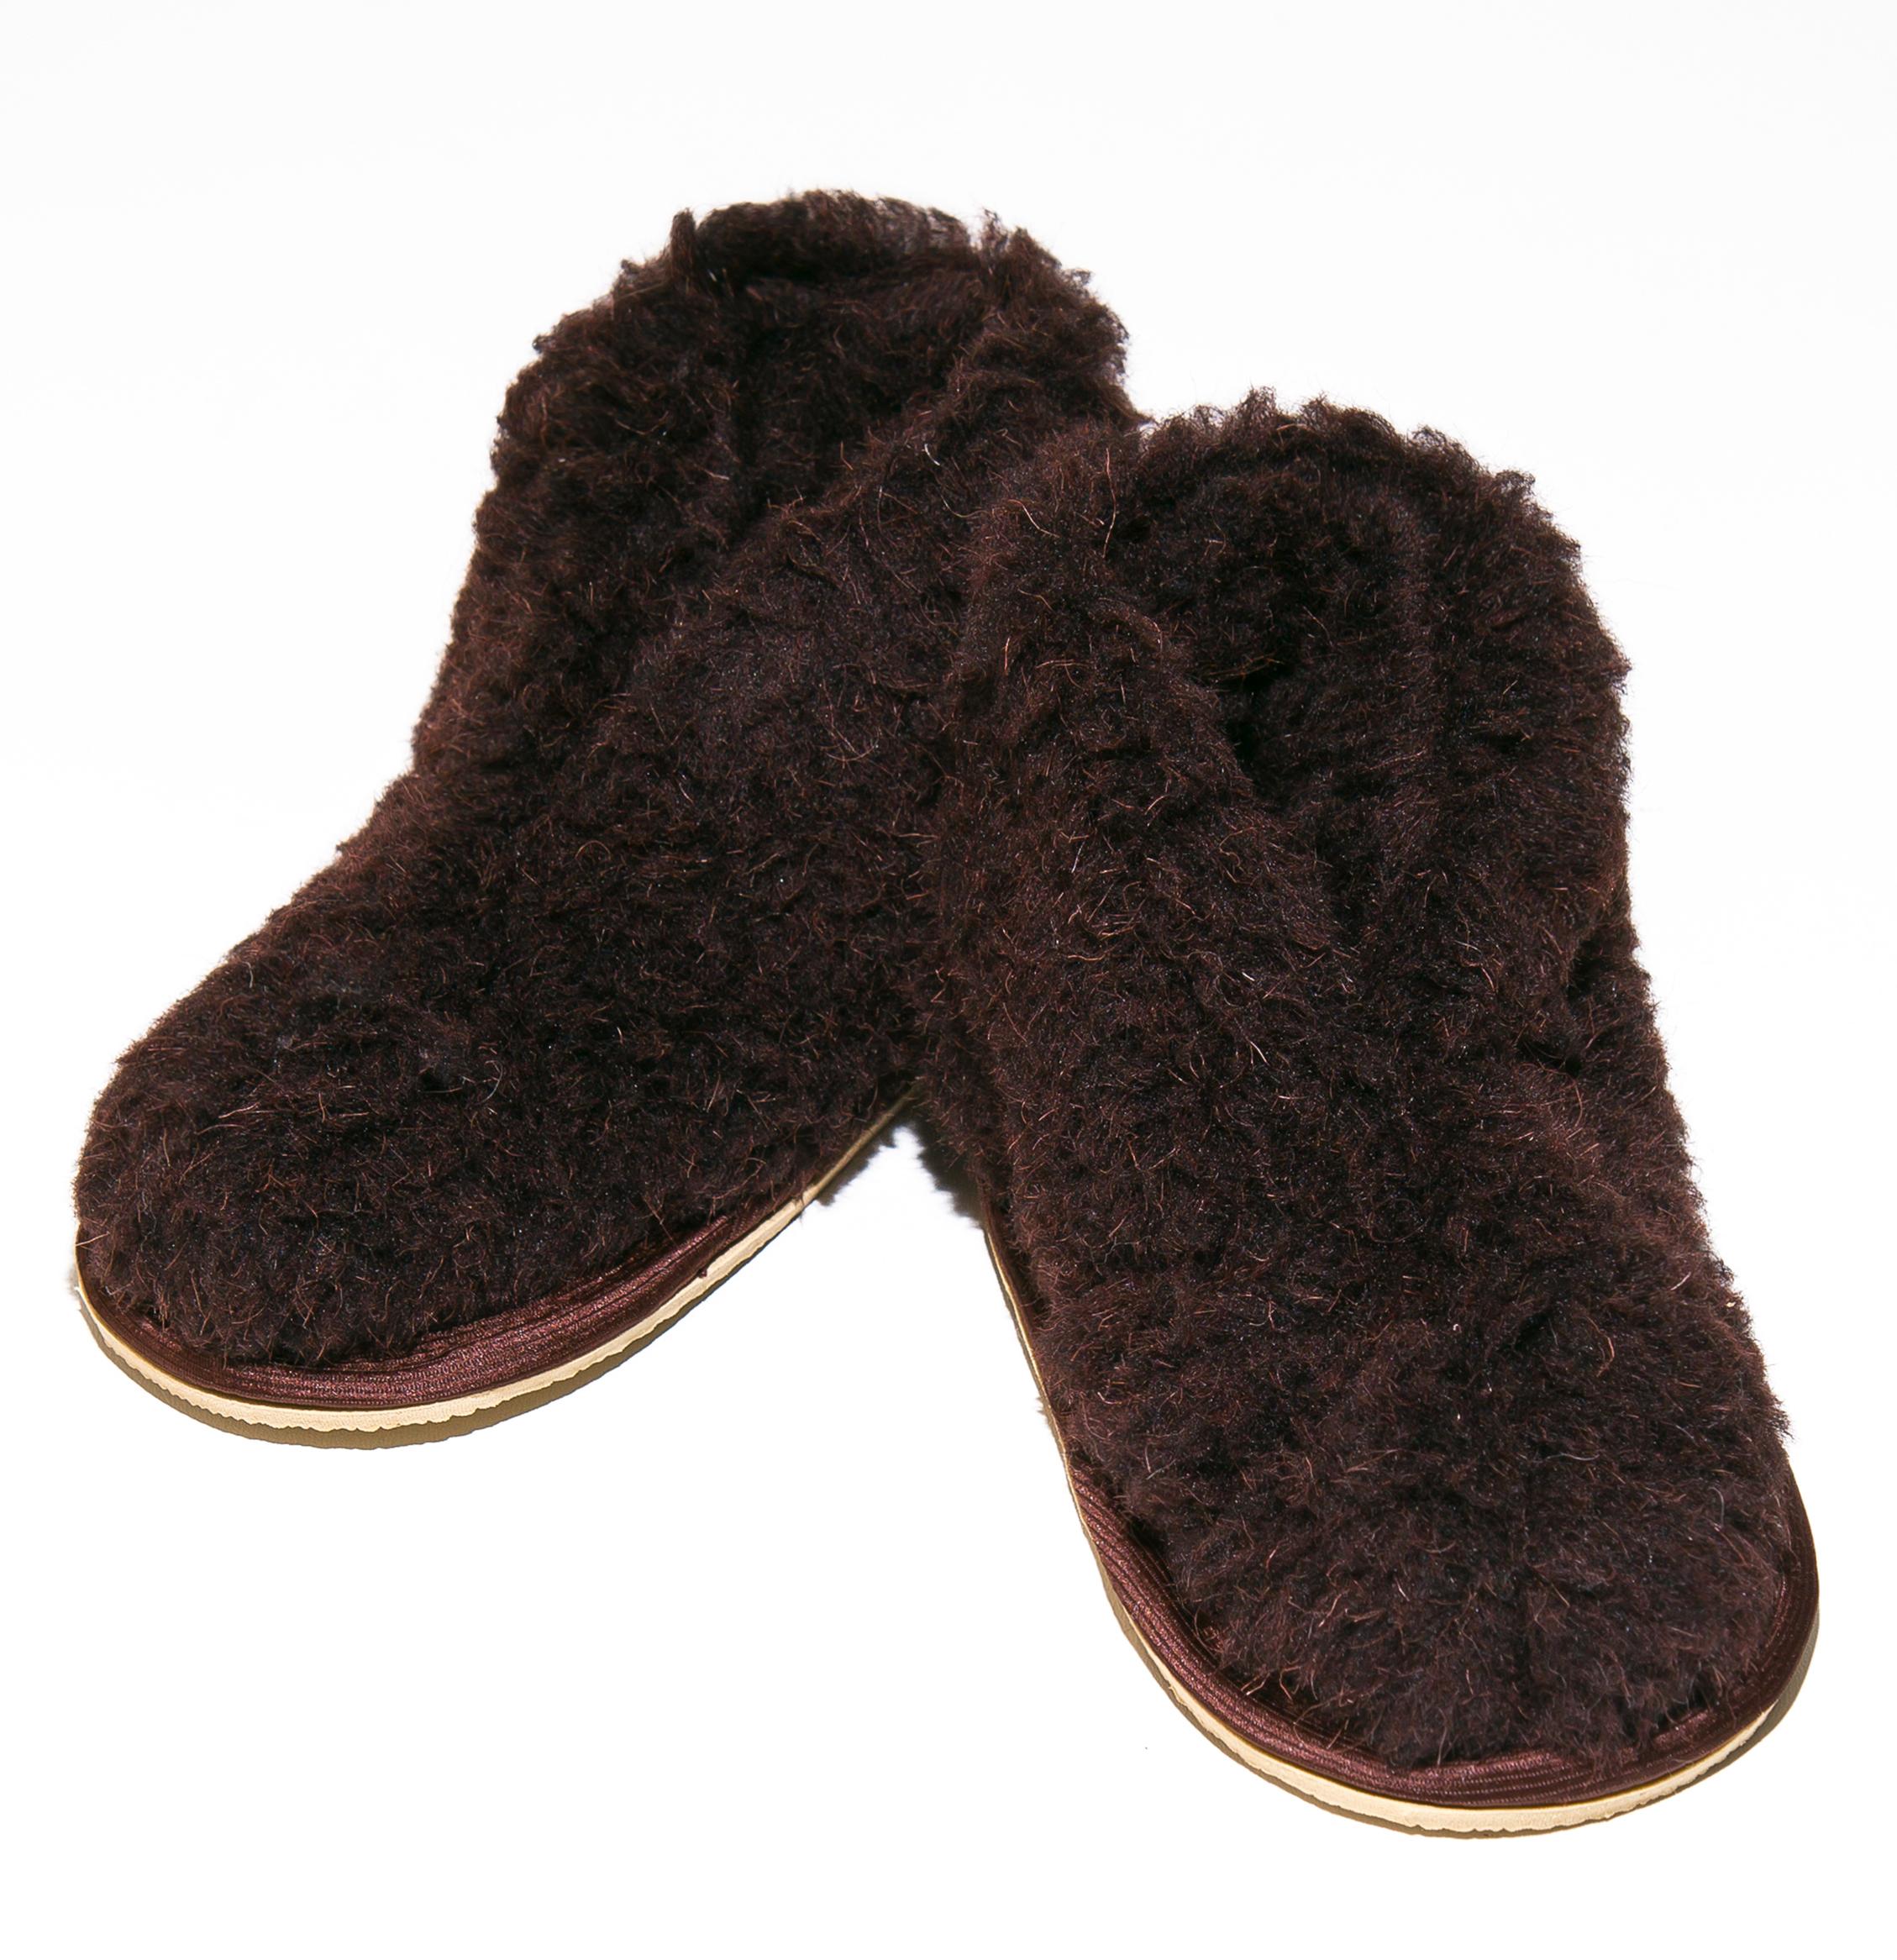 Домашние тапочки женские Smart-Textile Бабуши коричневые 38-39 RU фото